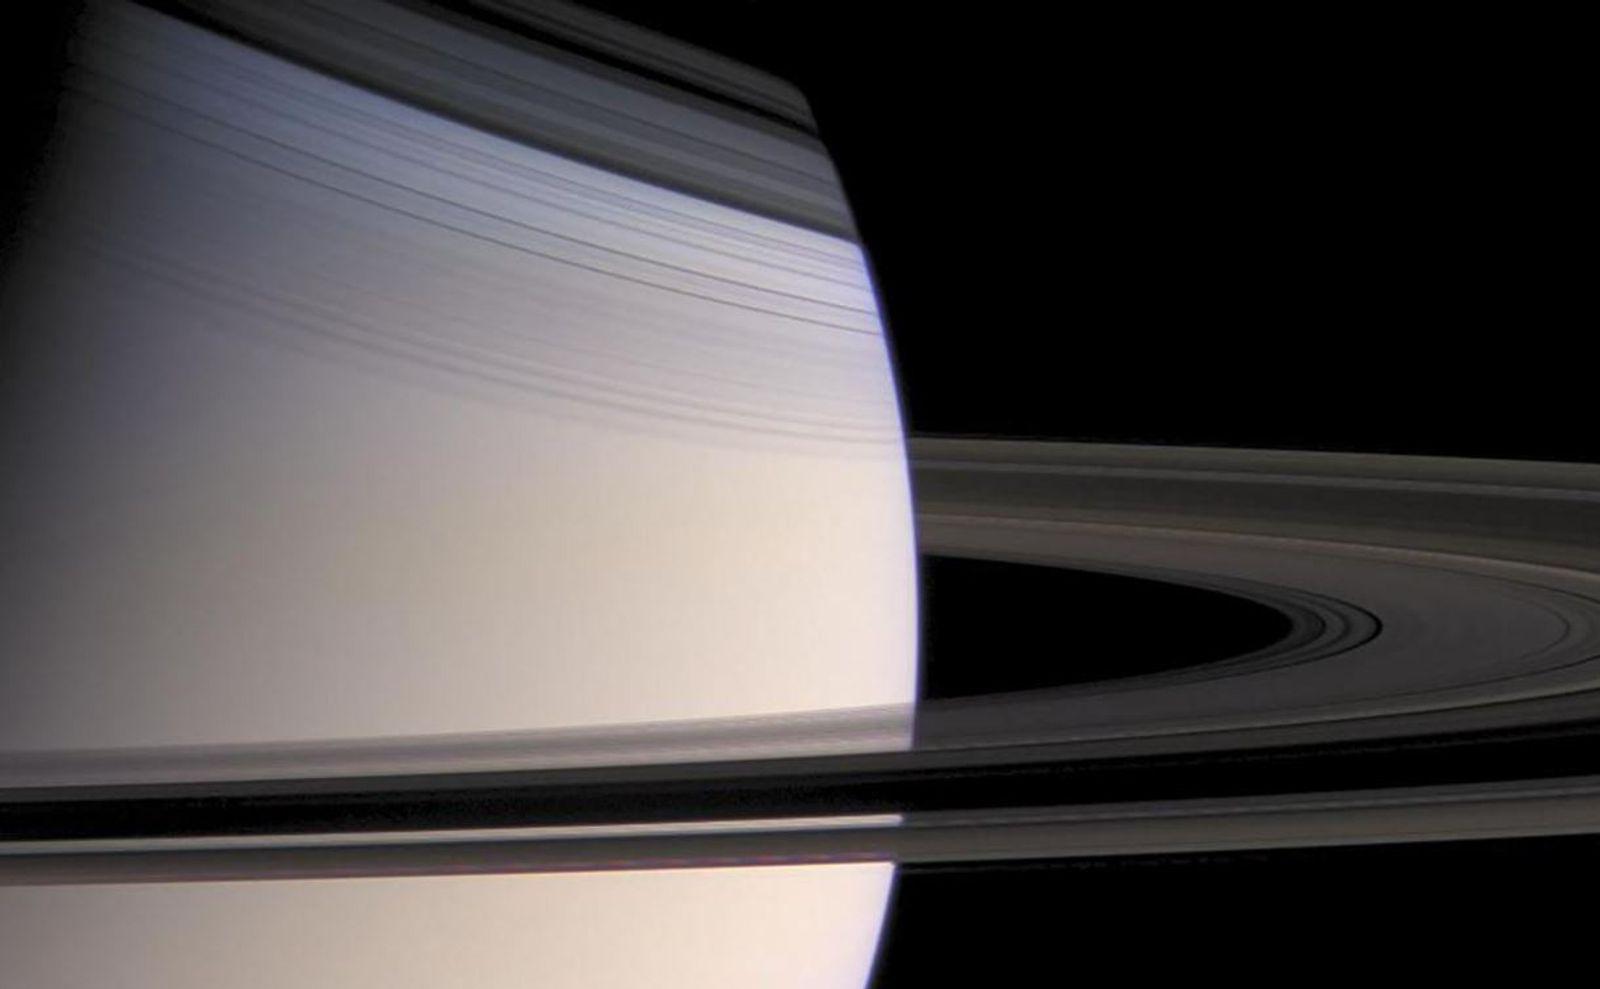 La destruction de la sonde Cassini a marqué la fin d'une ère de l'exploration spatiale